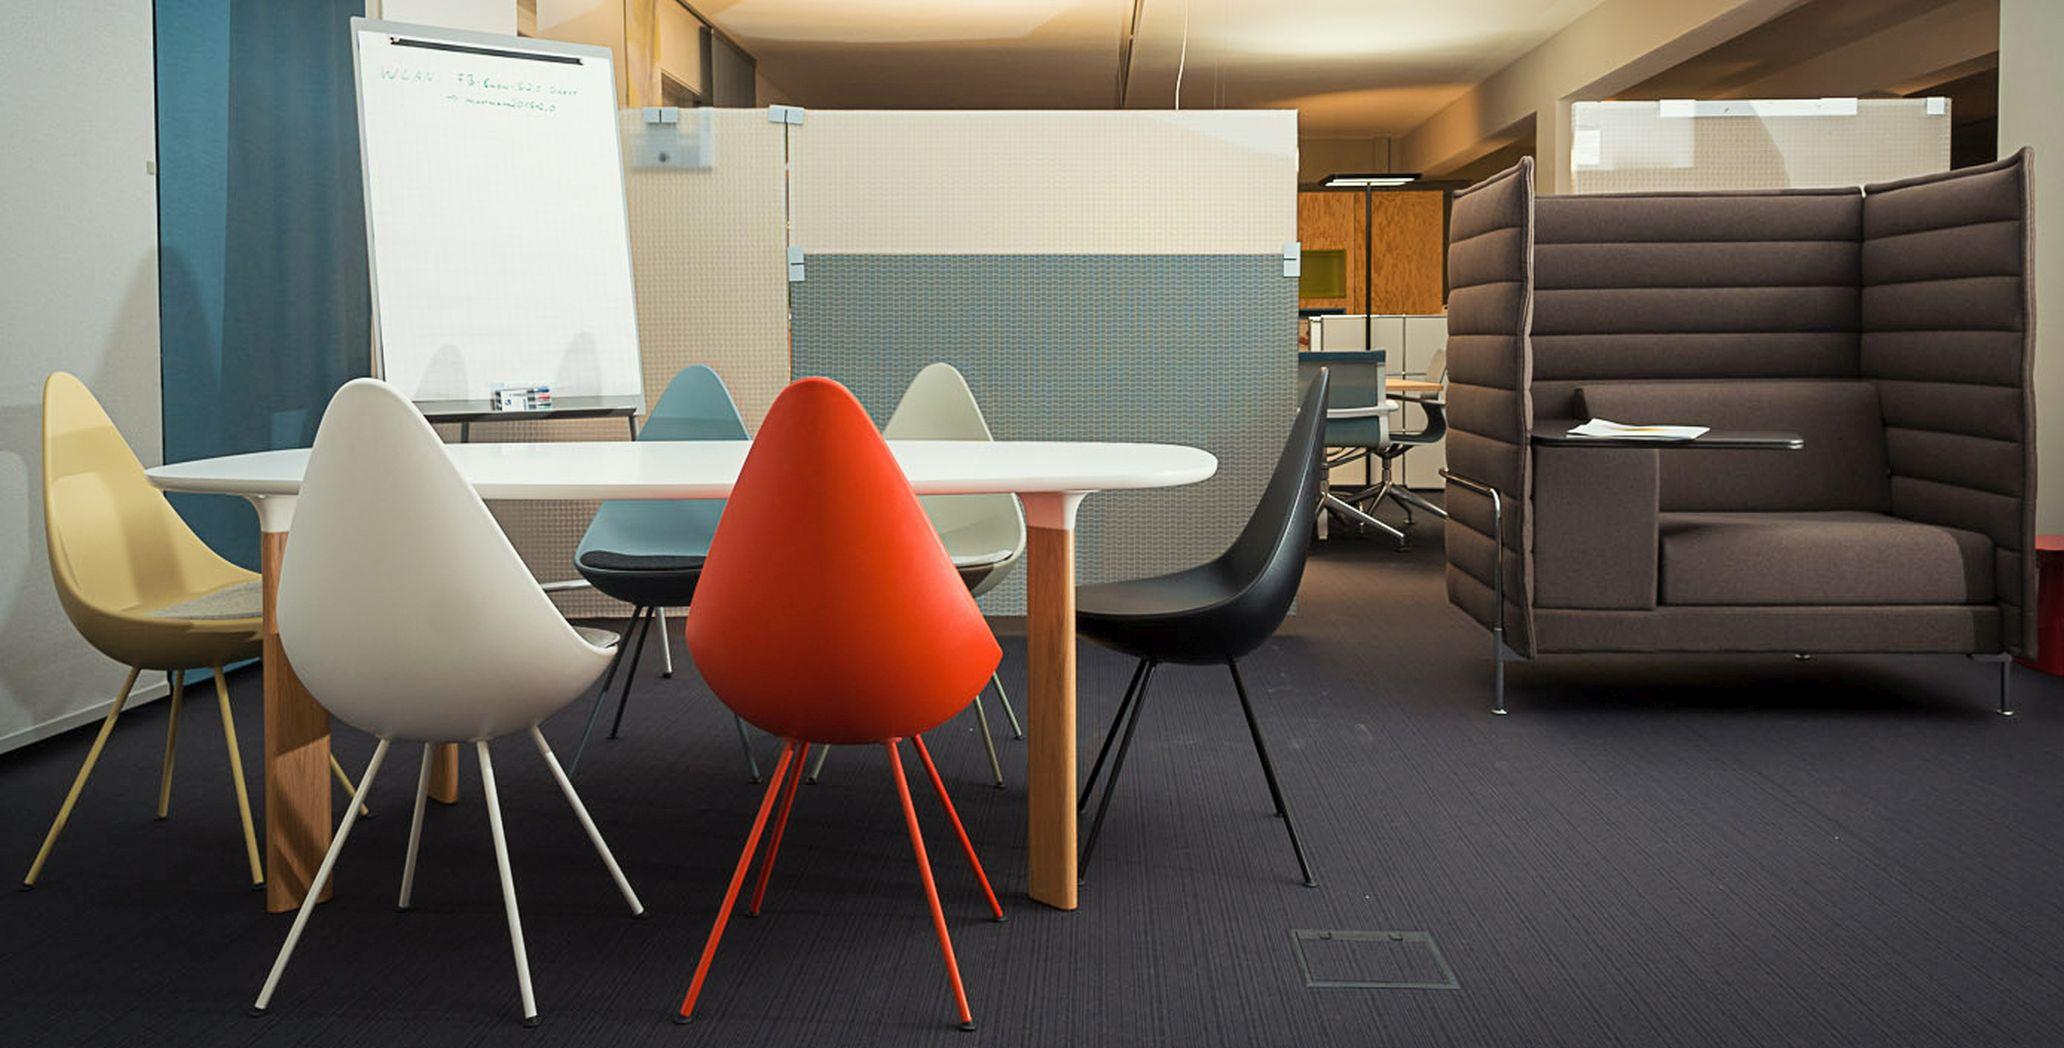 smow stuttgart 0711 620 090 00 designerm bel von. Black Bedroom Furniture Sets. Home Design Ideas